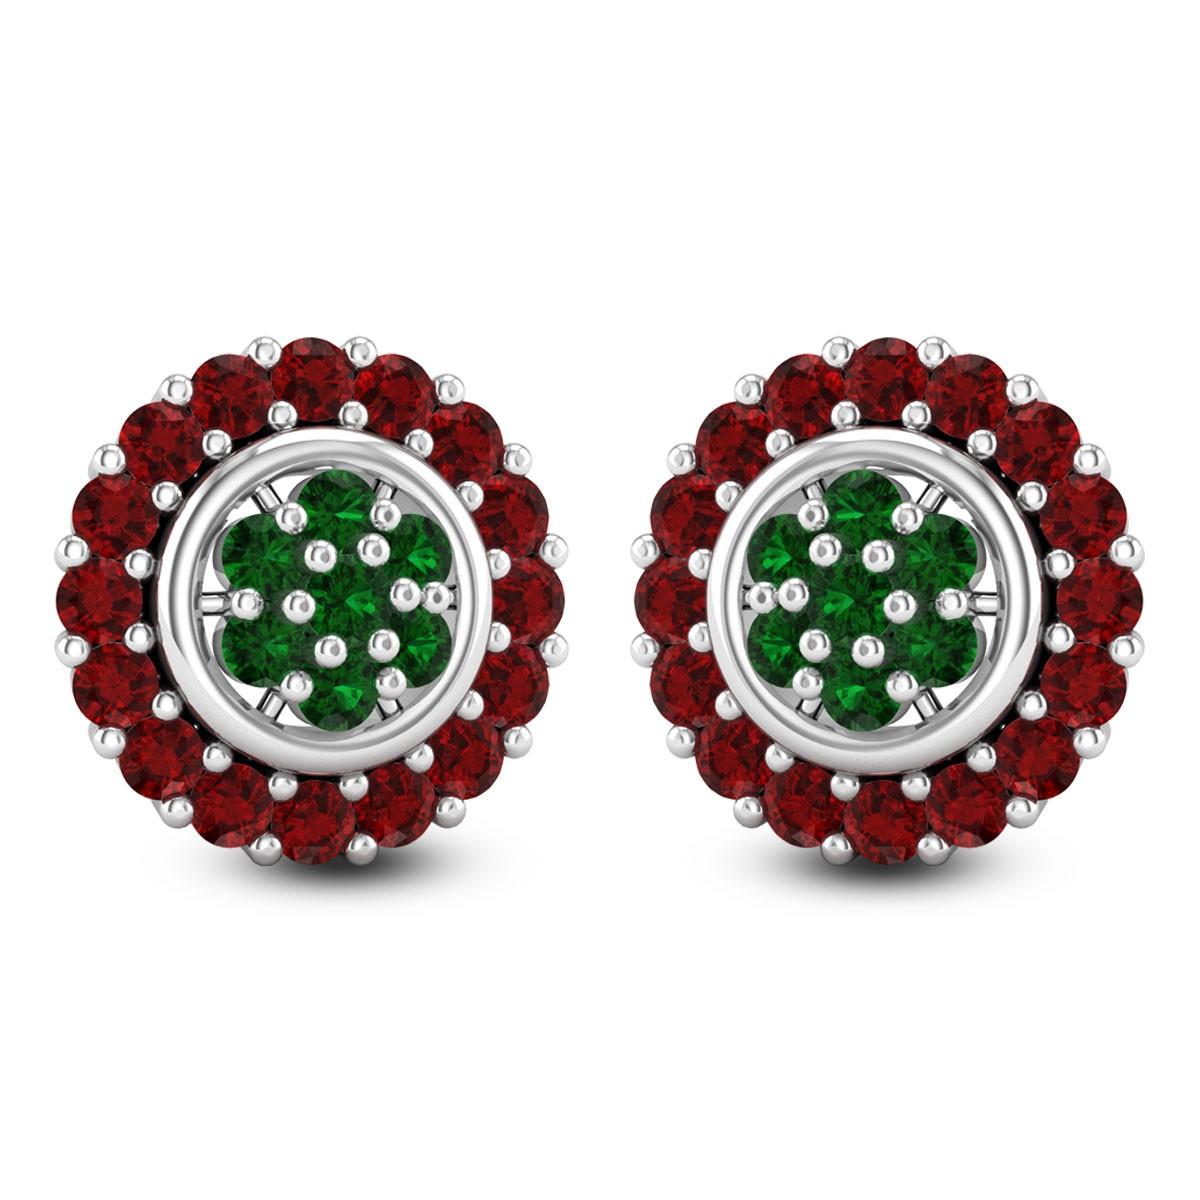 Ruby Cluster Stud Earrings